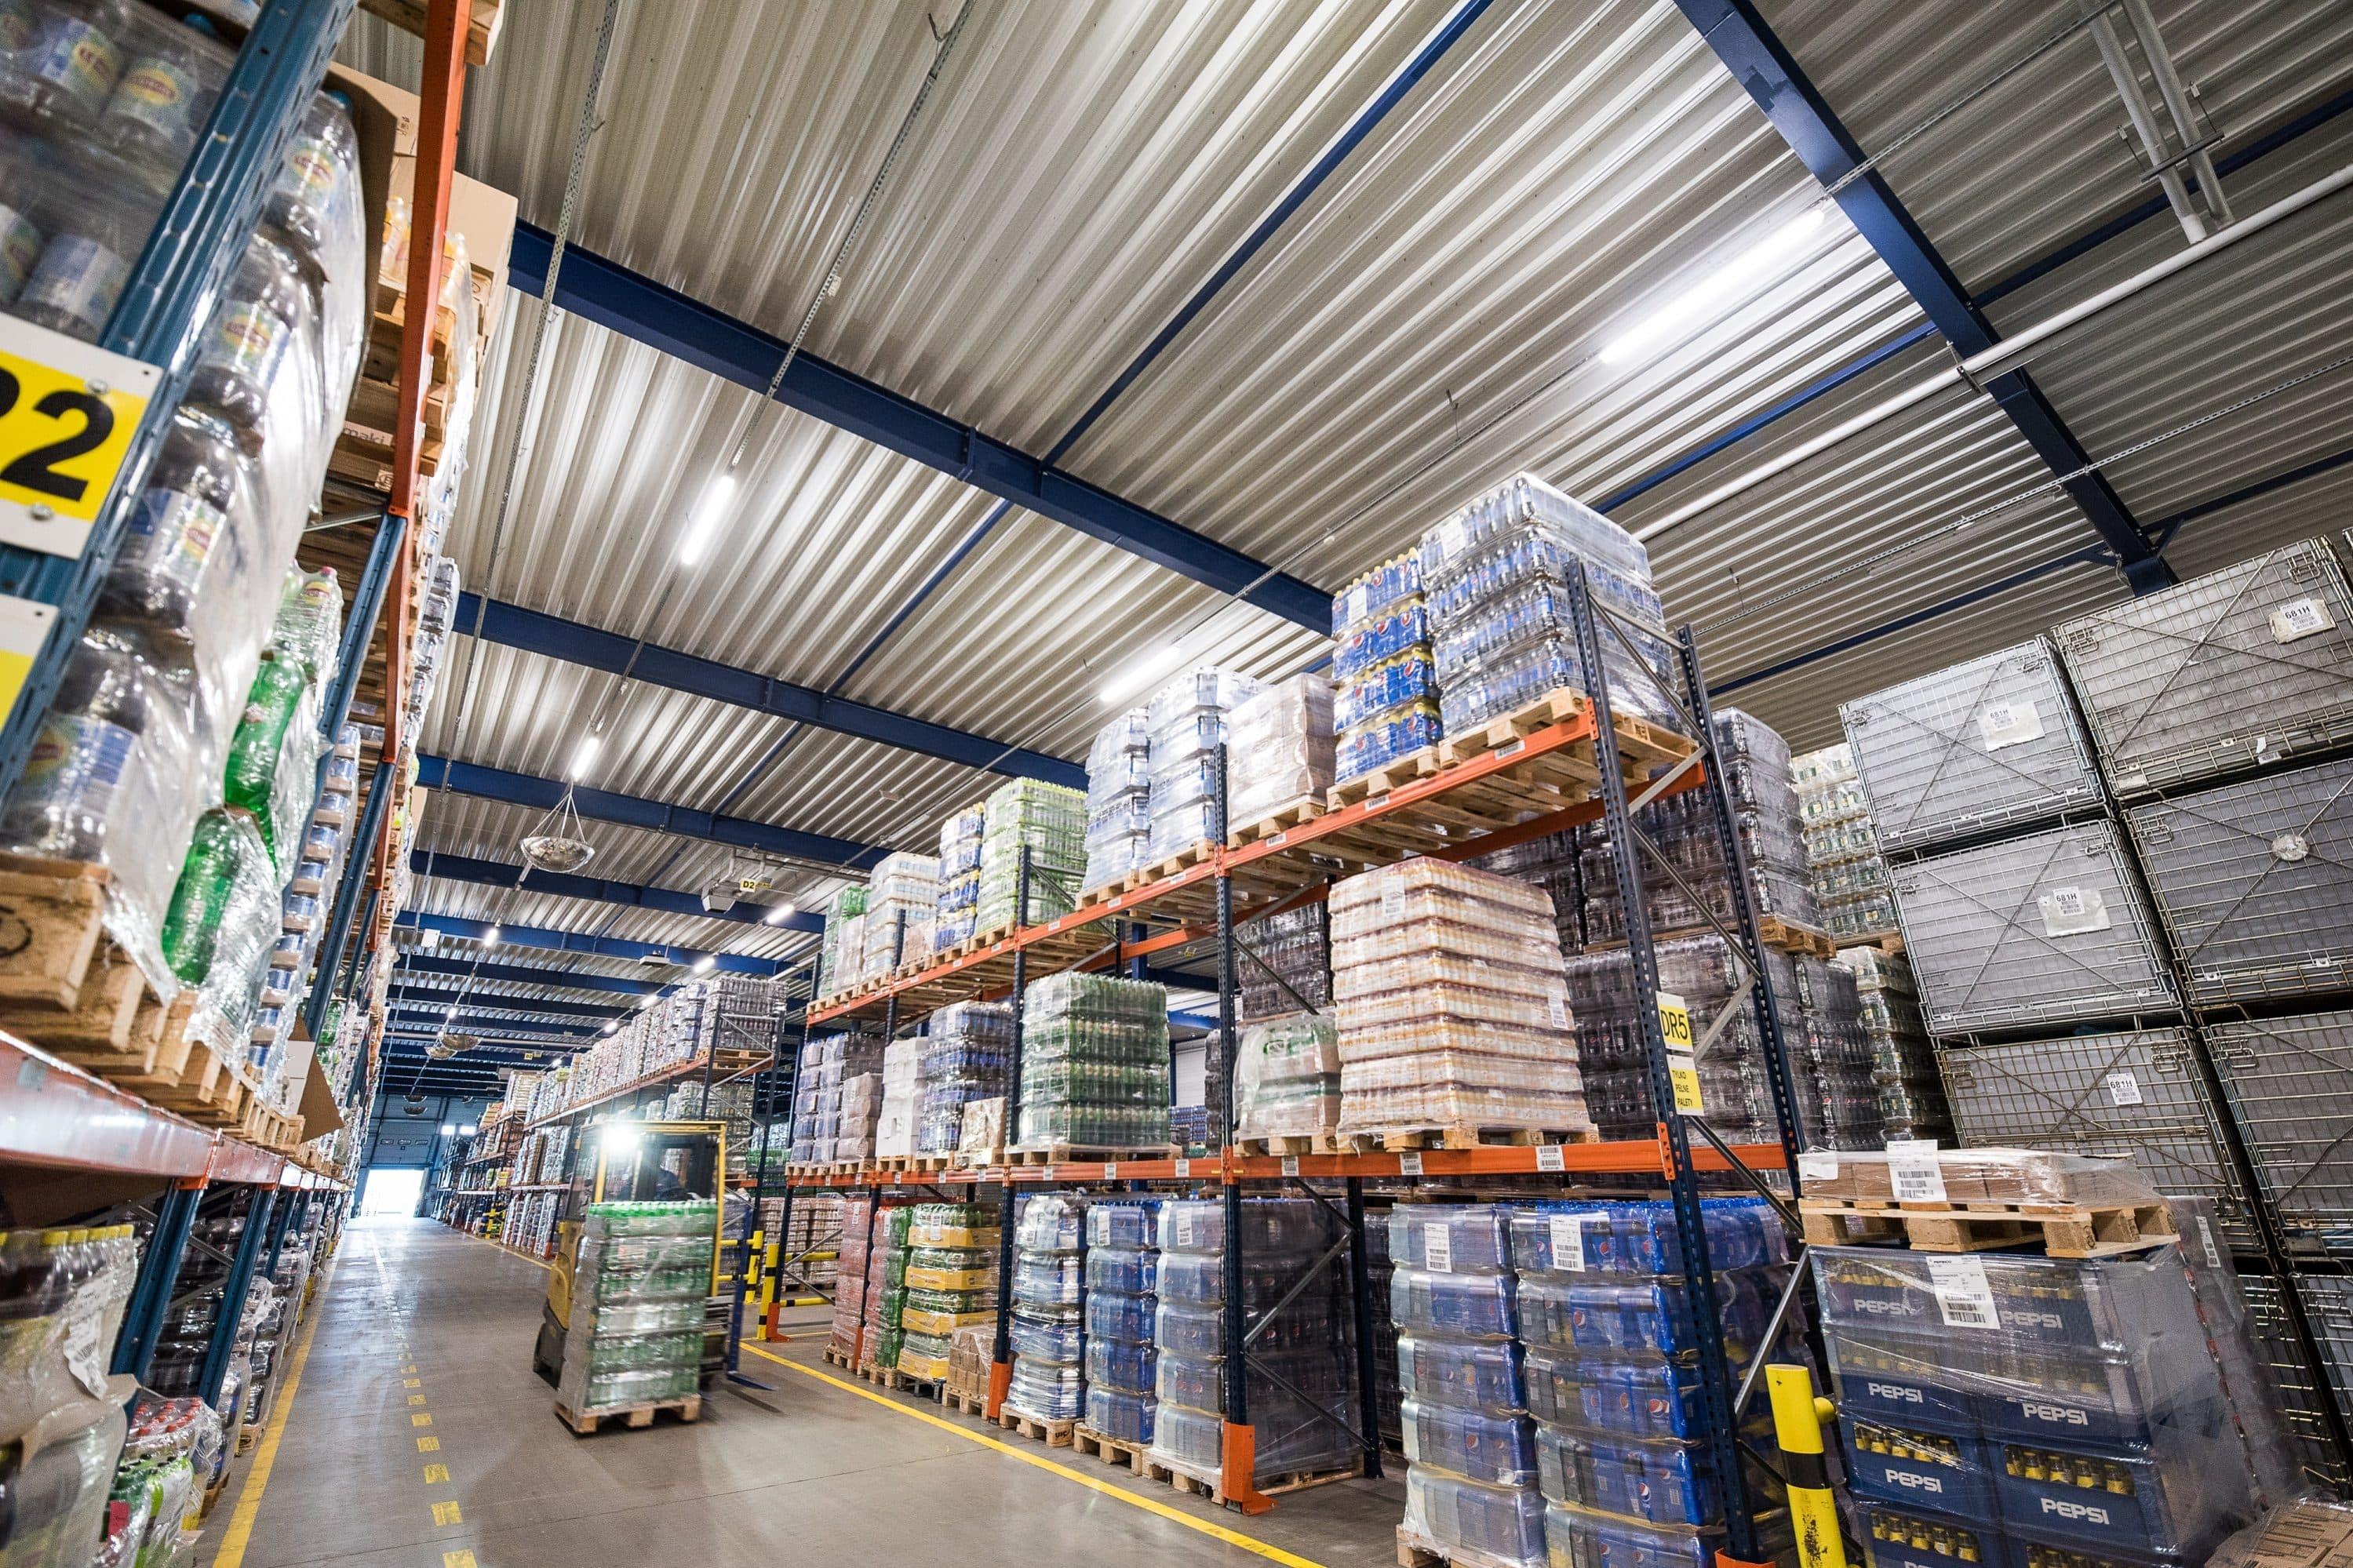 Oprawy przemysłowe Highbay w części przemysłowej firmy Pepsico - Luxon LED